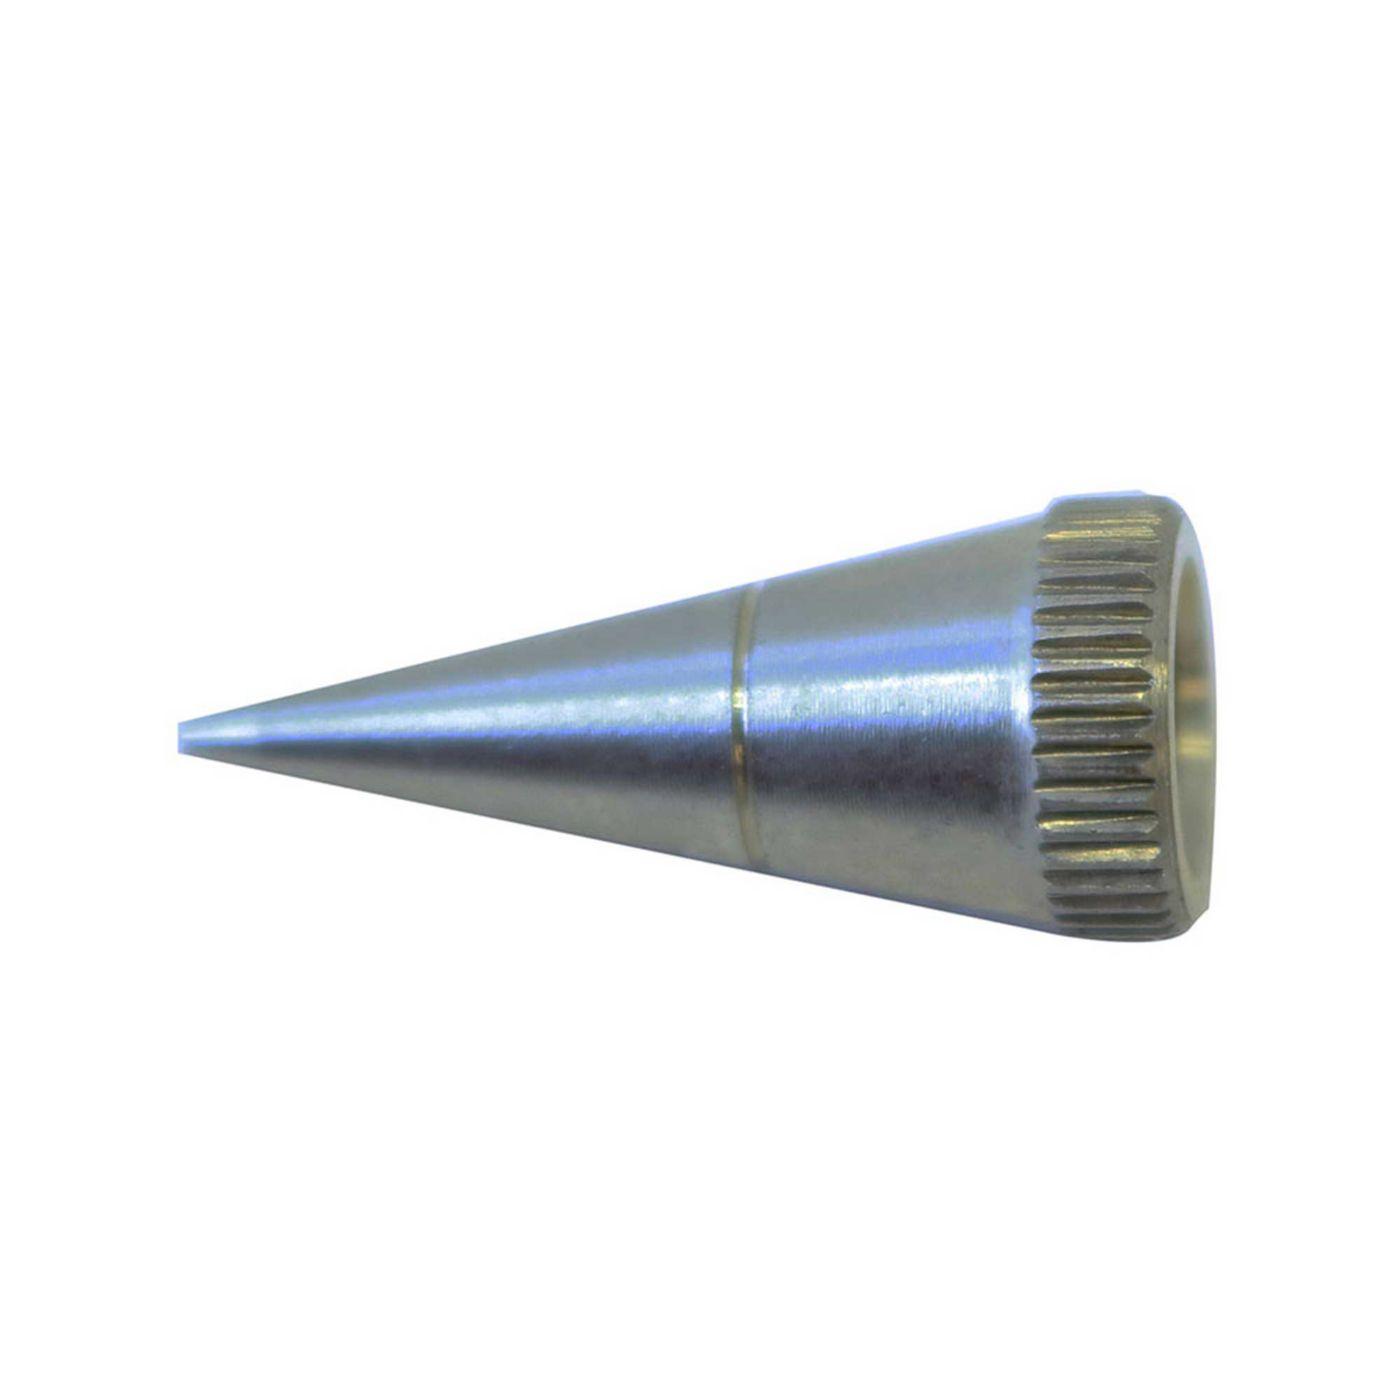 Paasche 3A-4 Head O-Ring 026614014554 6 H